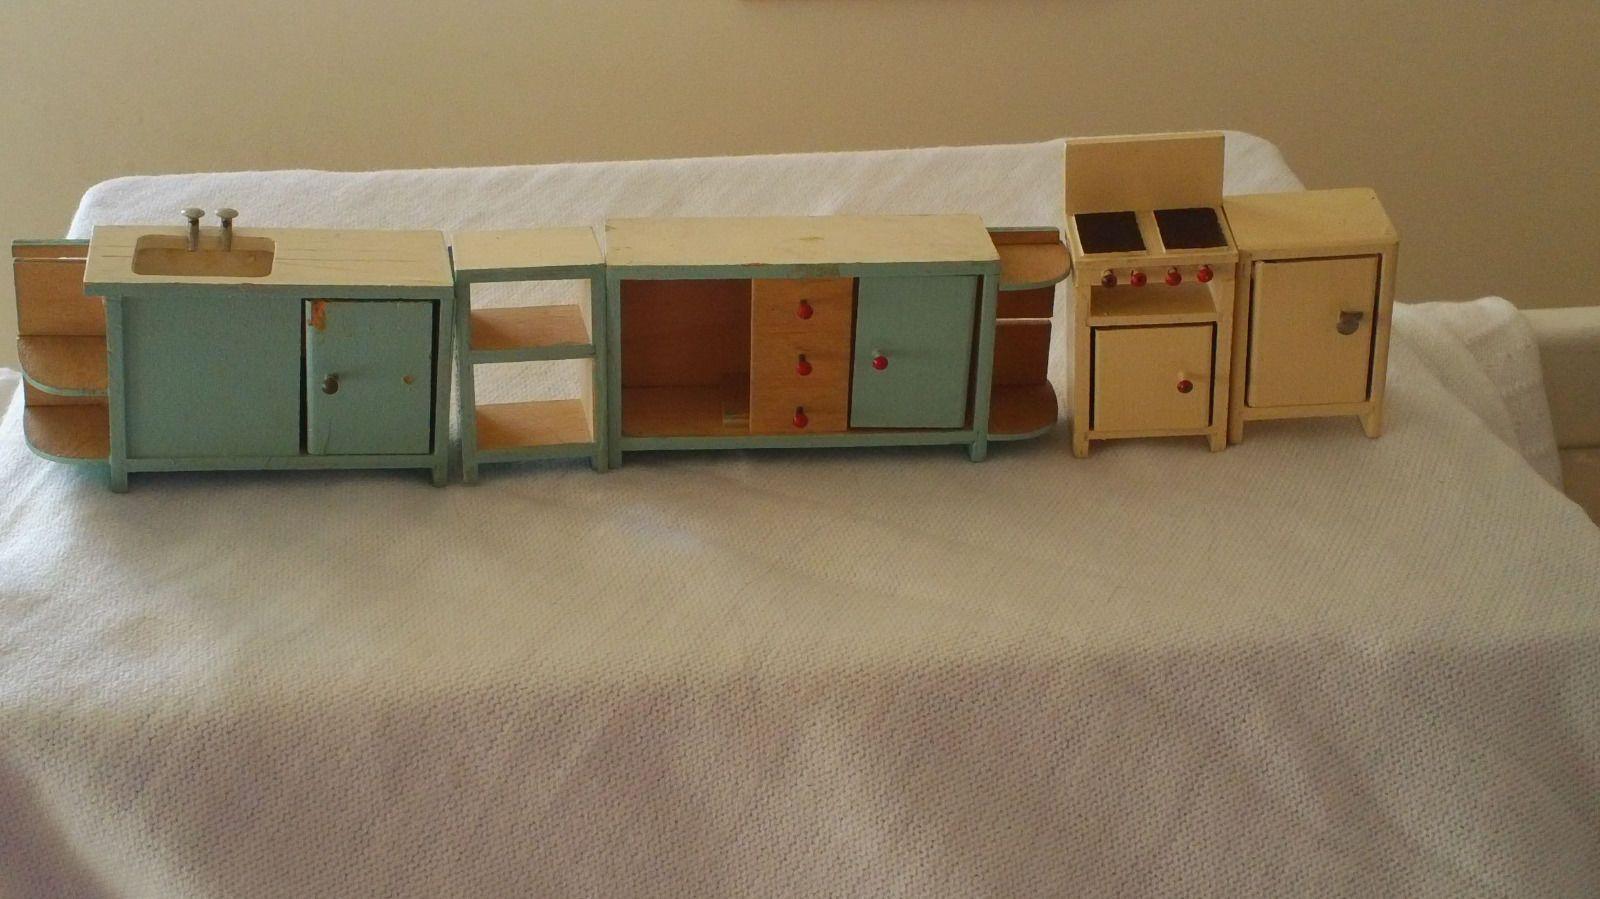 Dolls House Kitchen Furniture Vintage 1960 70s Twigg Doll House Kitchen Furniture 1 16th Scale